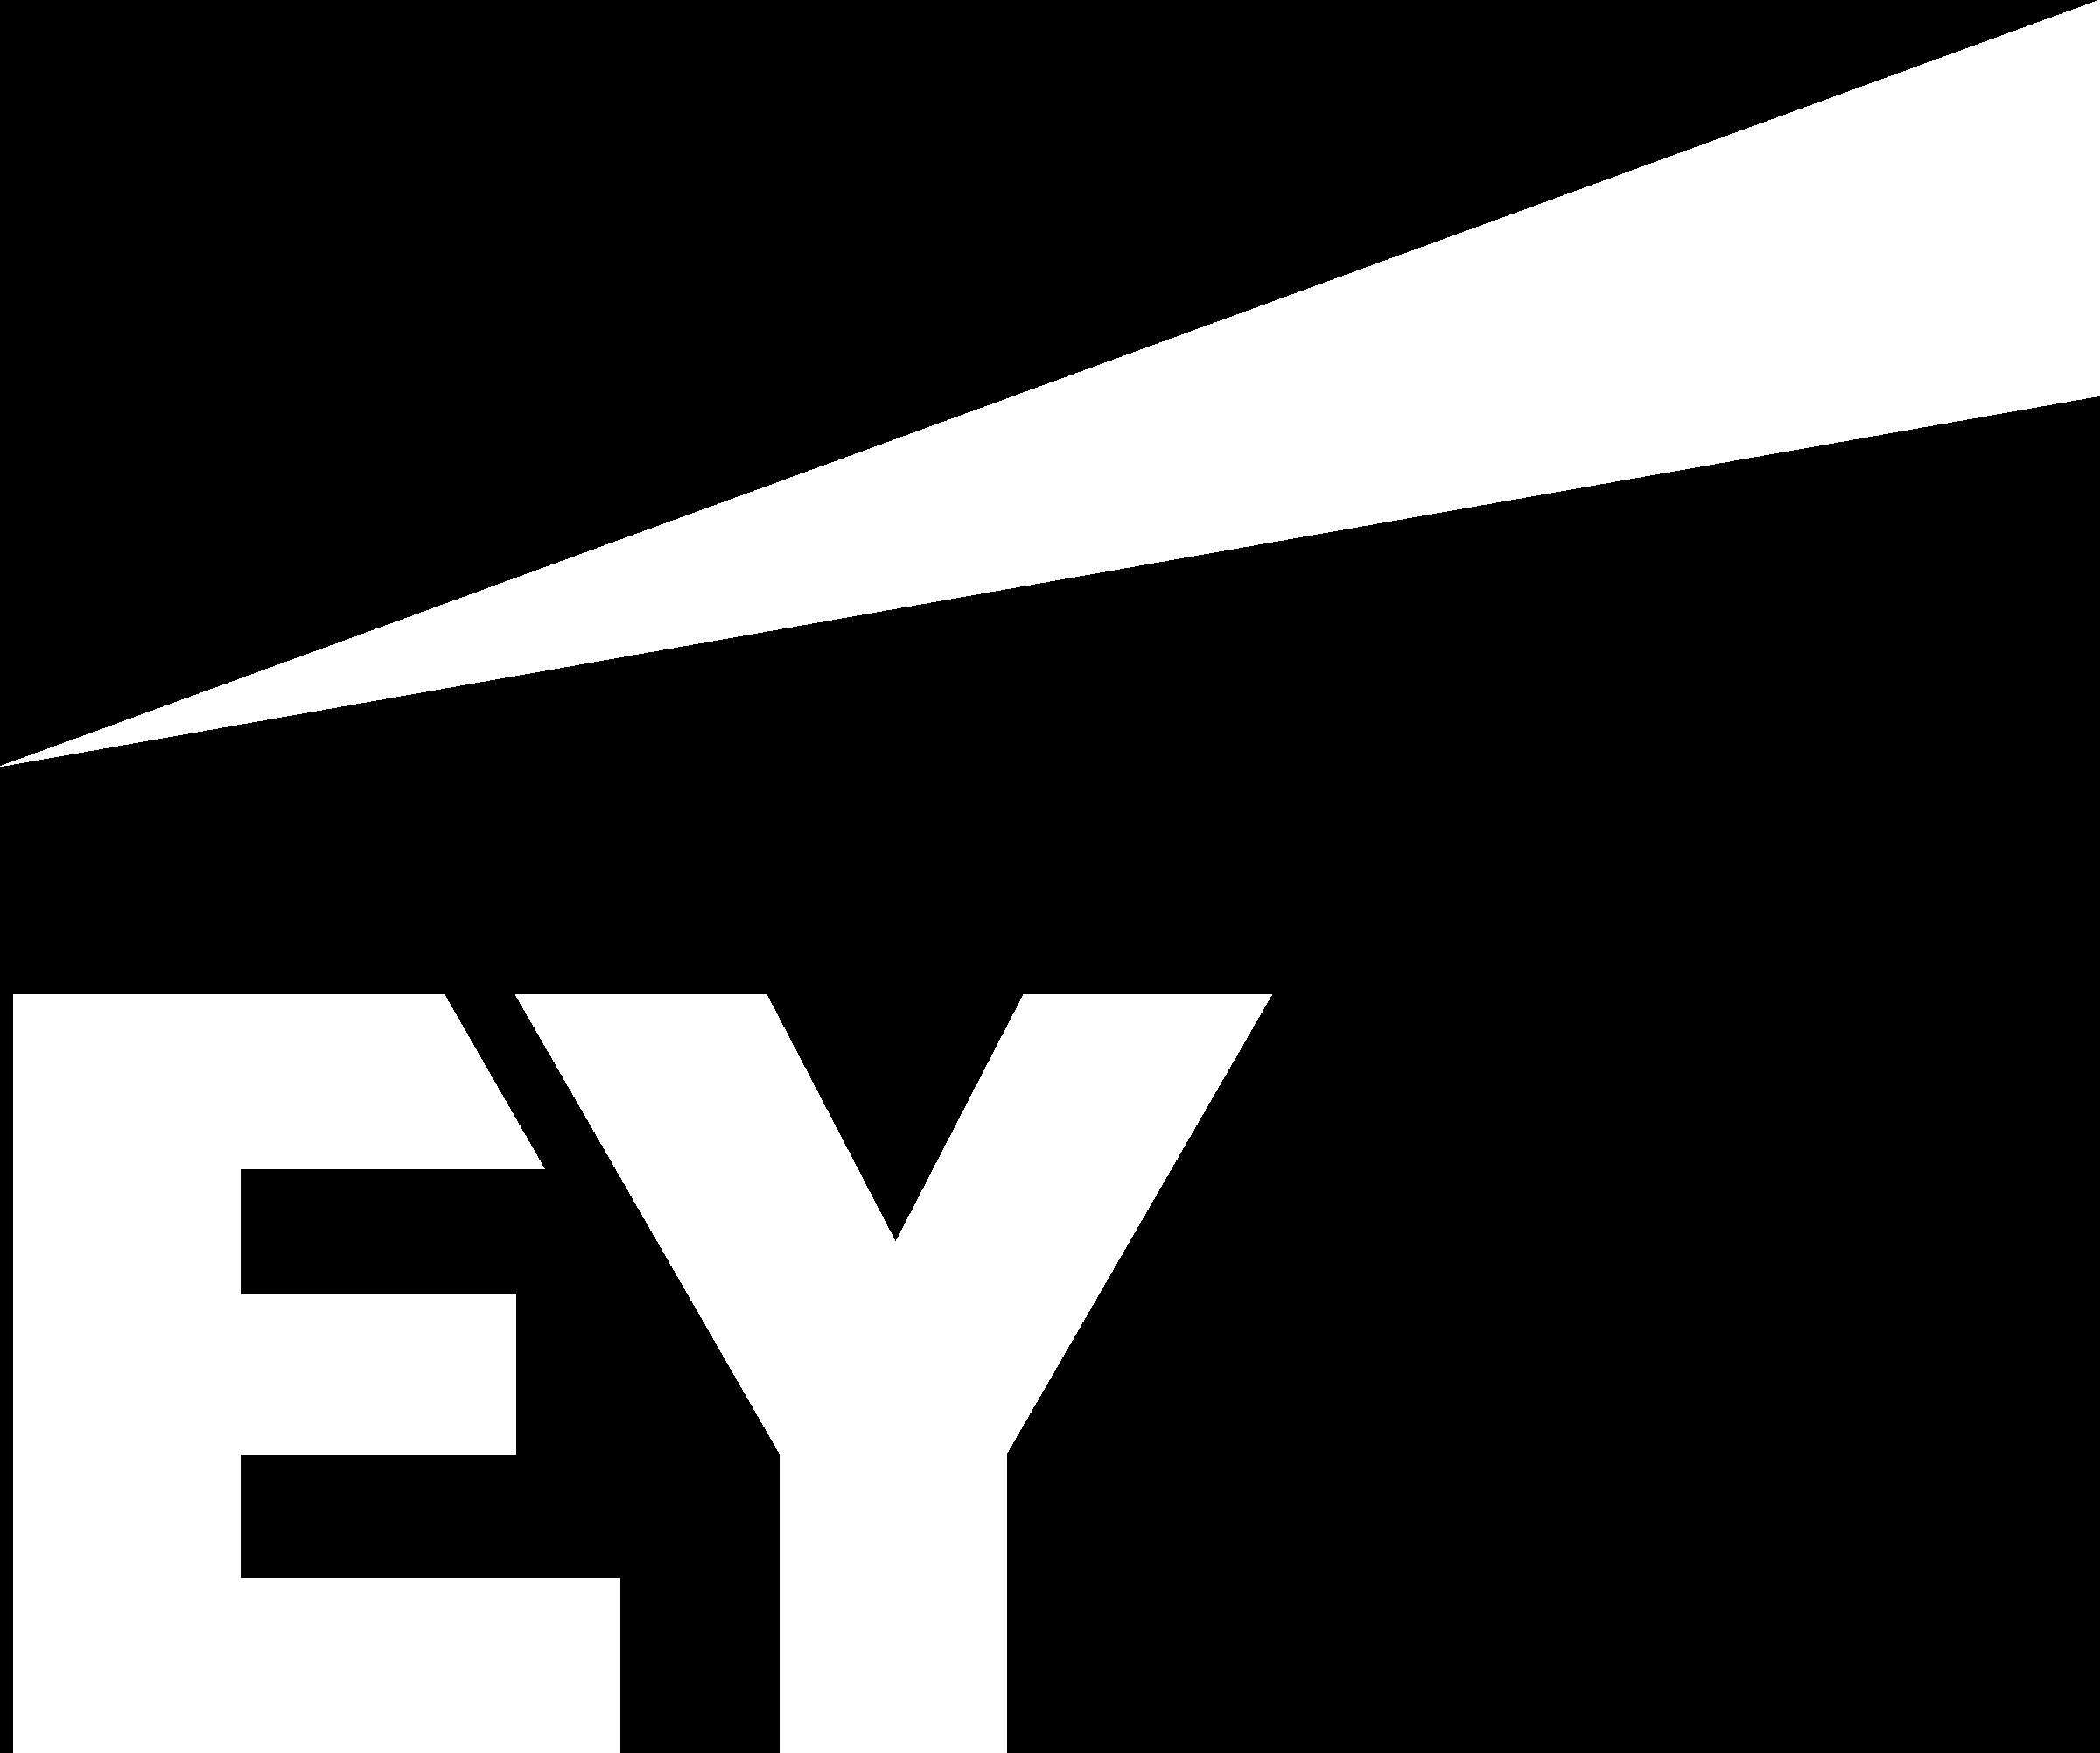 Ernst & Young EY Logo PNG Transparent & SVG Vector.